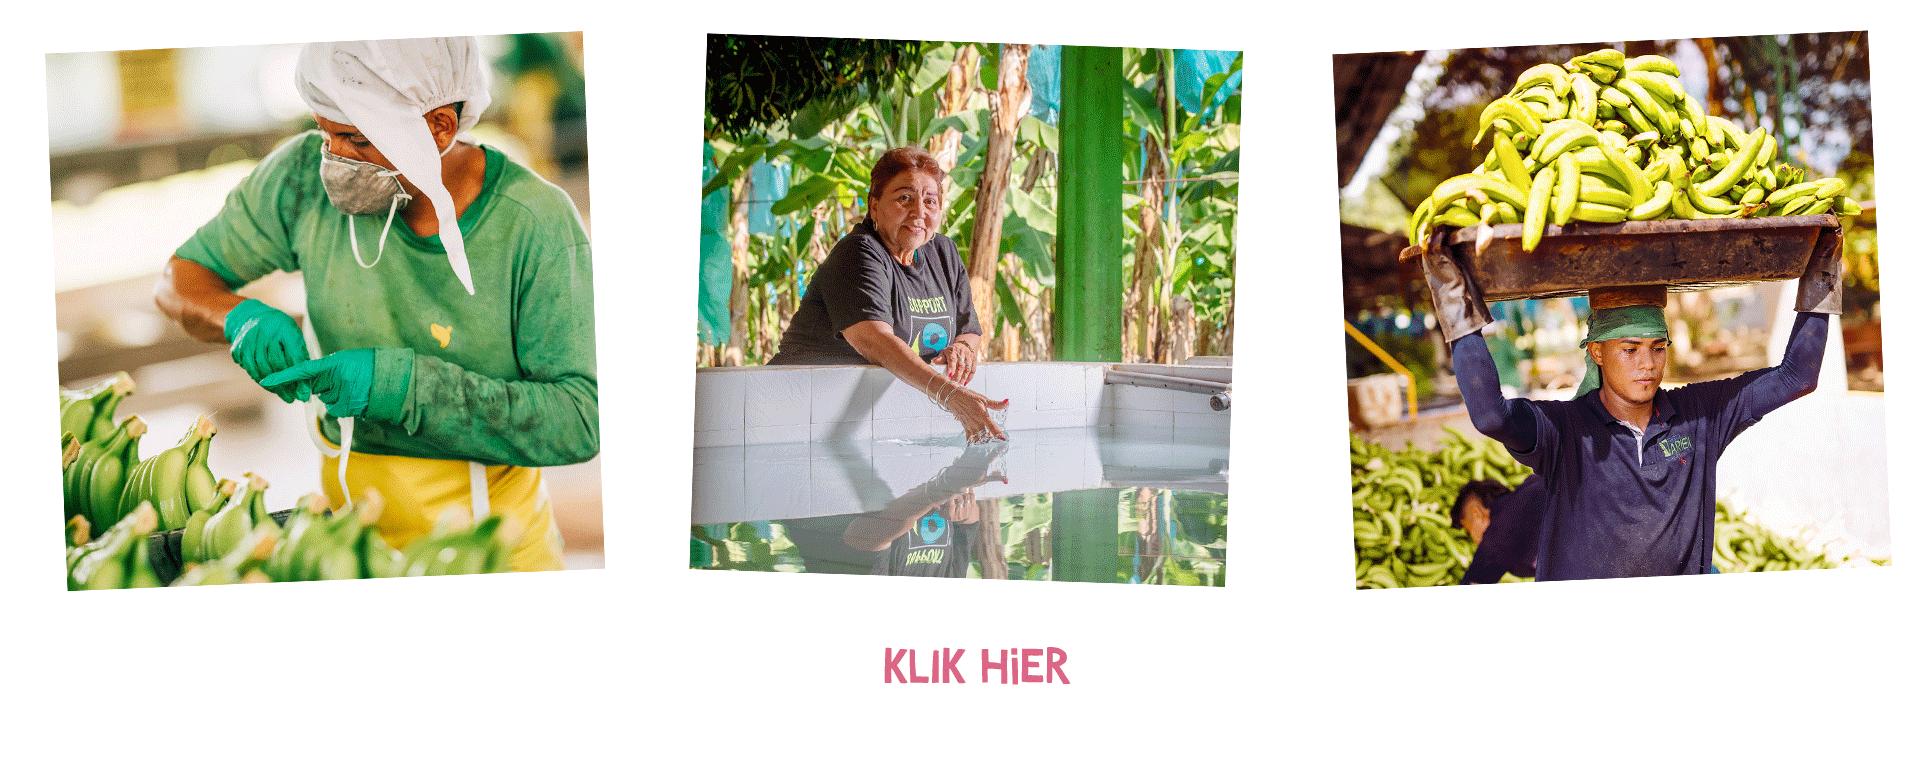 Drie foto's van mensen op bananenplantages